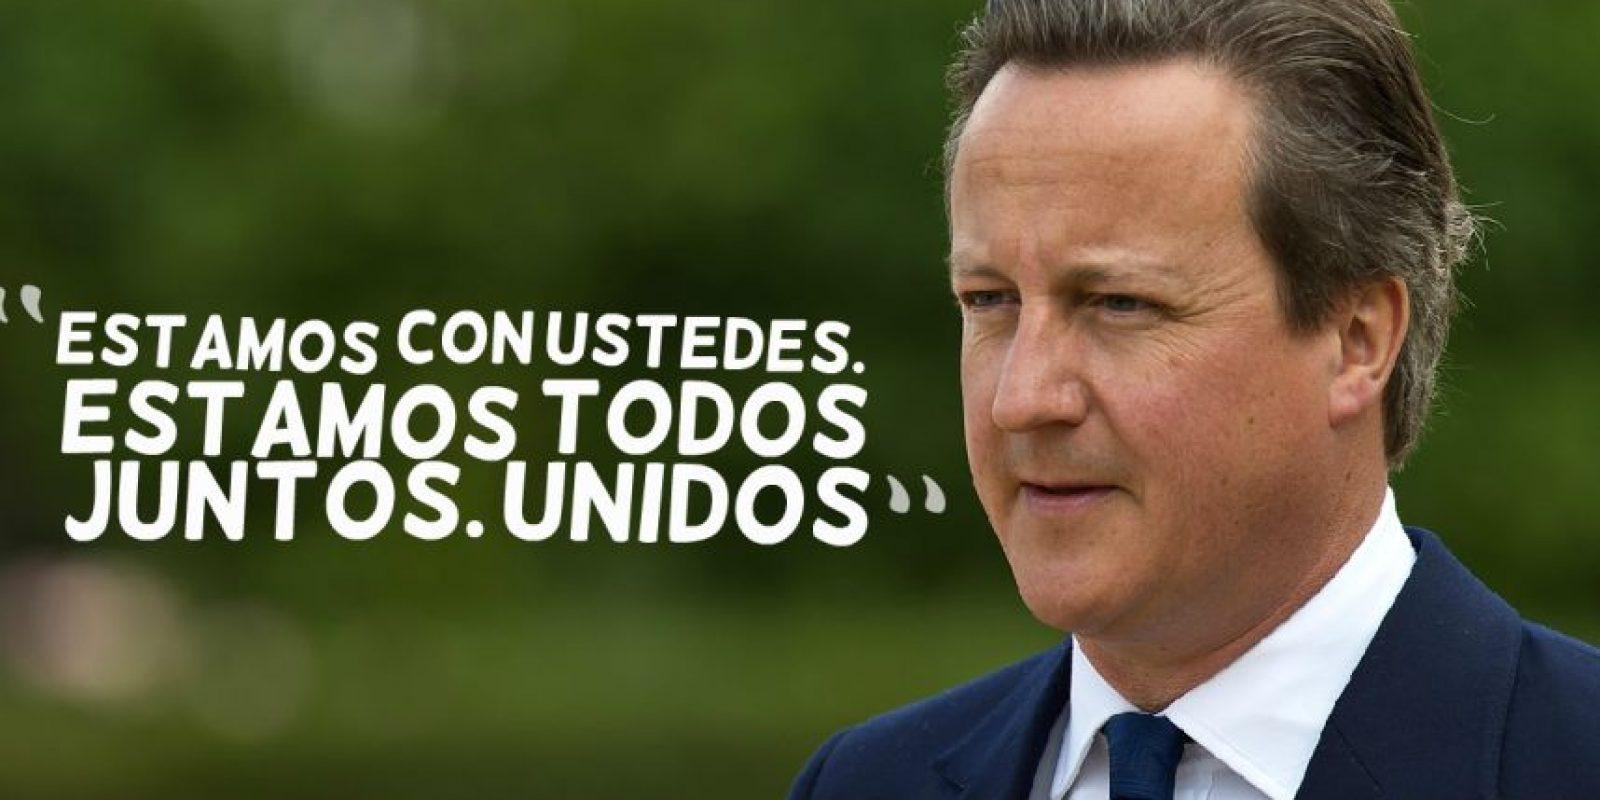 DAVID CAMERON, Primer Ministro del Reino Unido. Foto:Getty Images